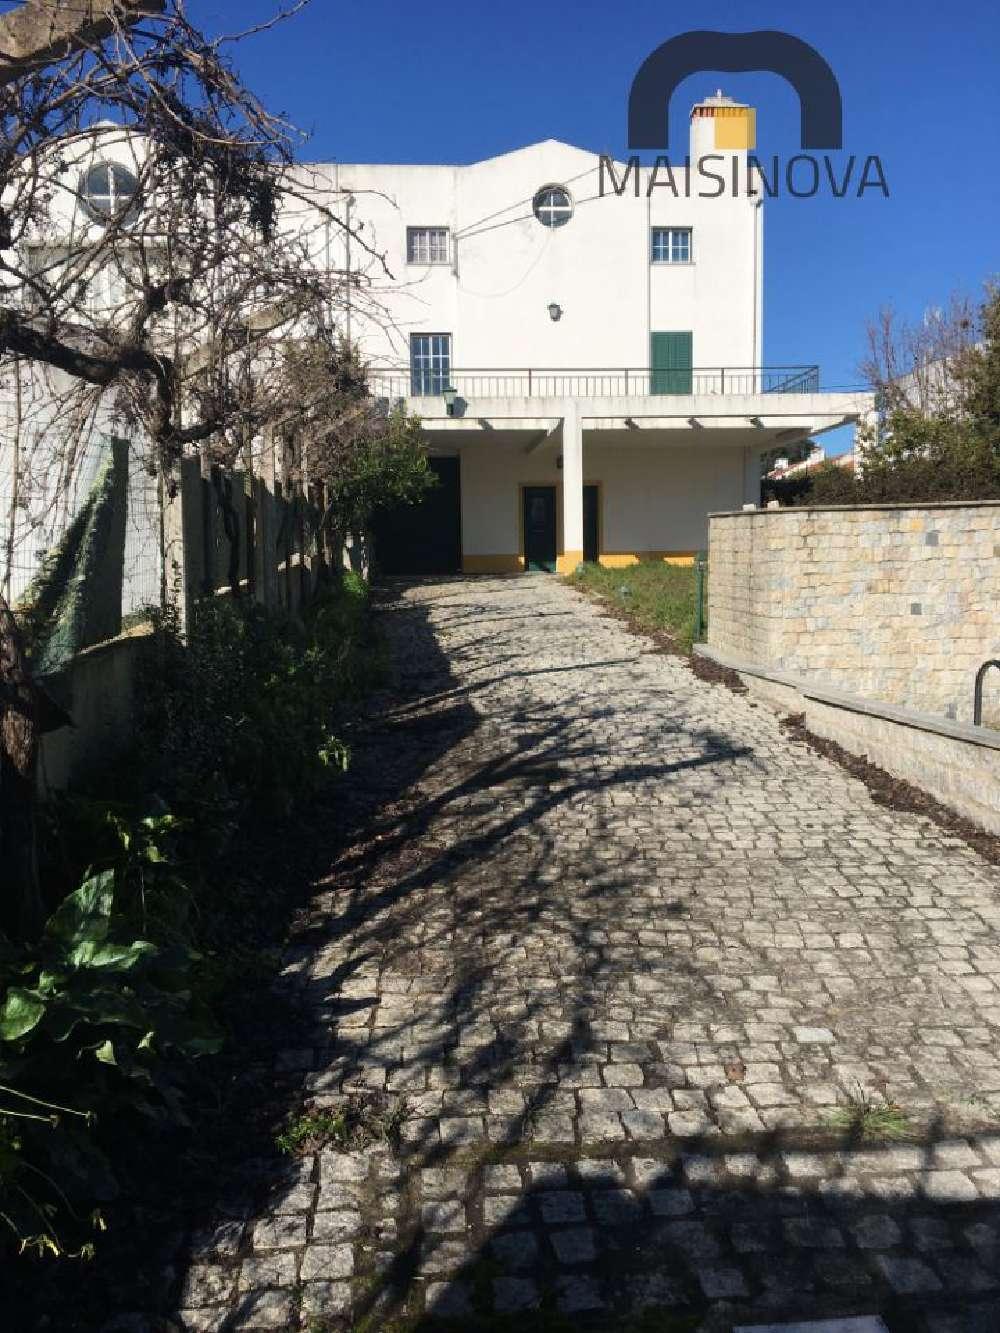 Foros da Estrada Évora maison photo 172300